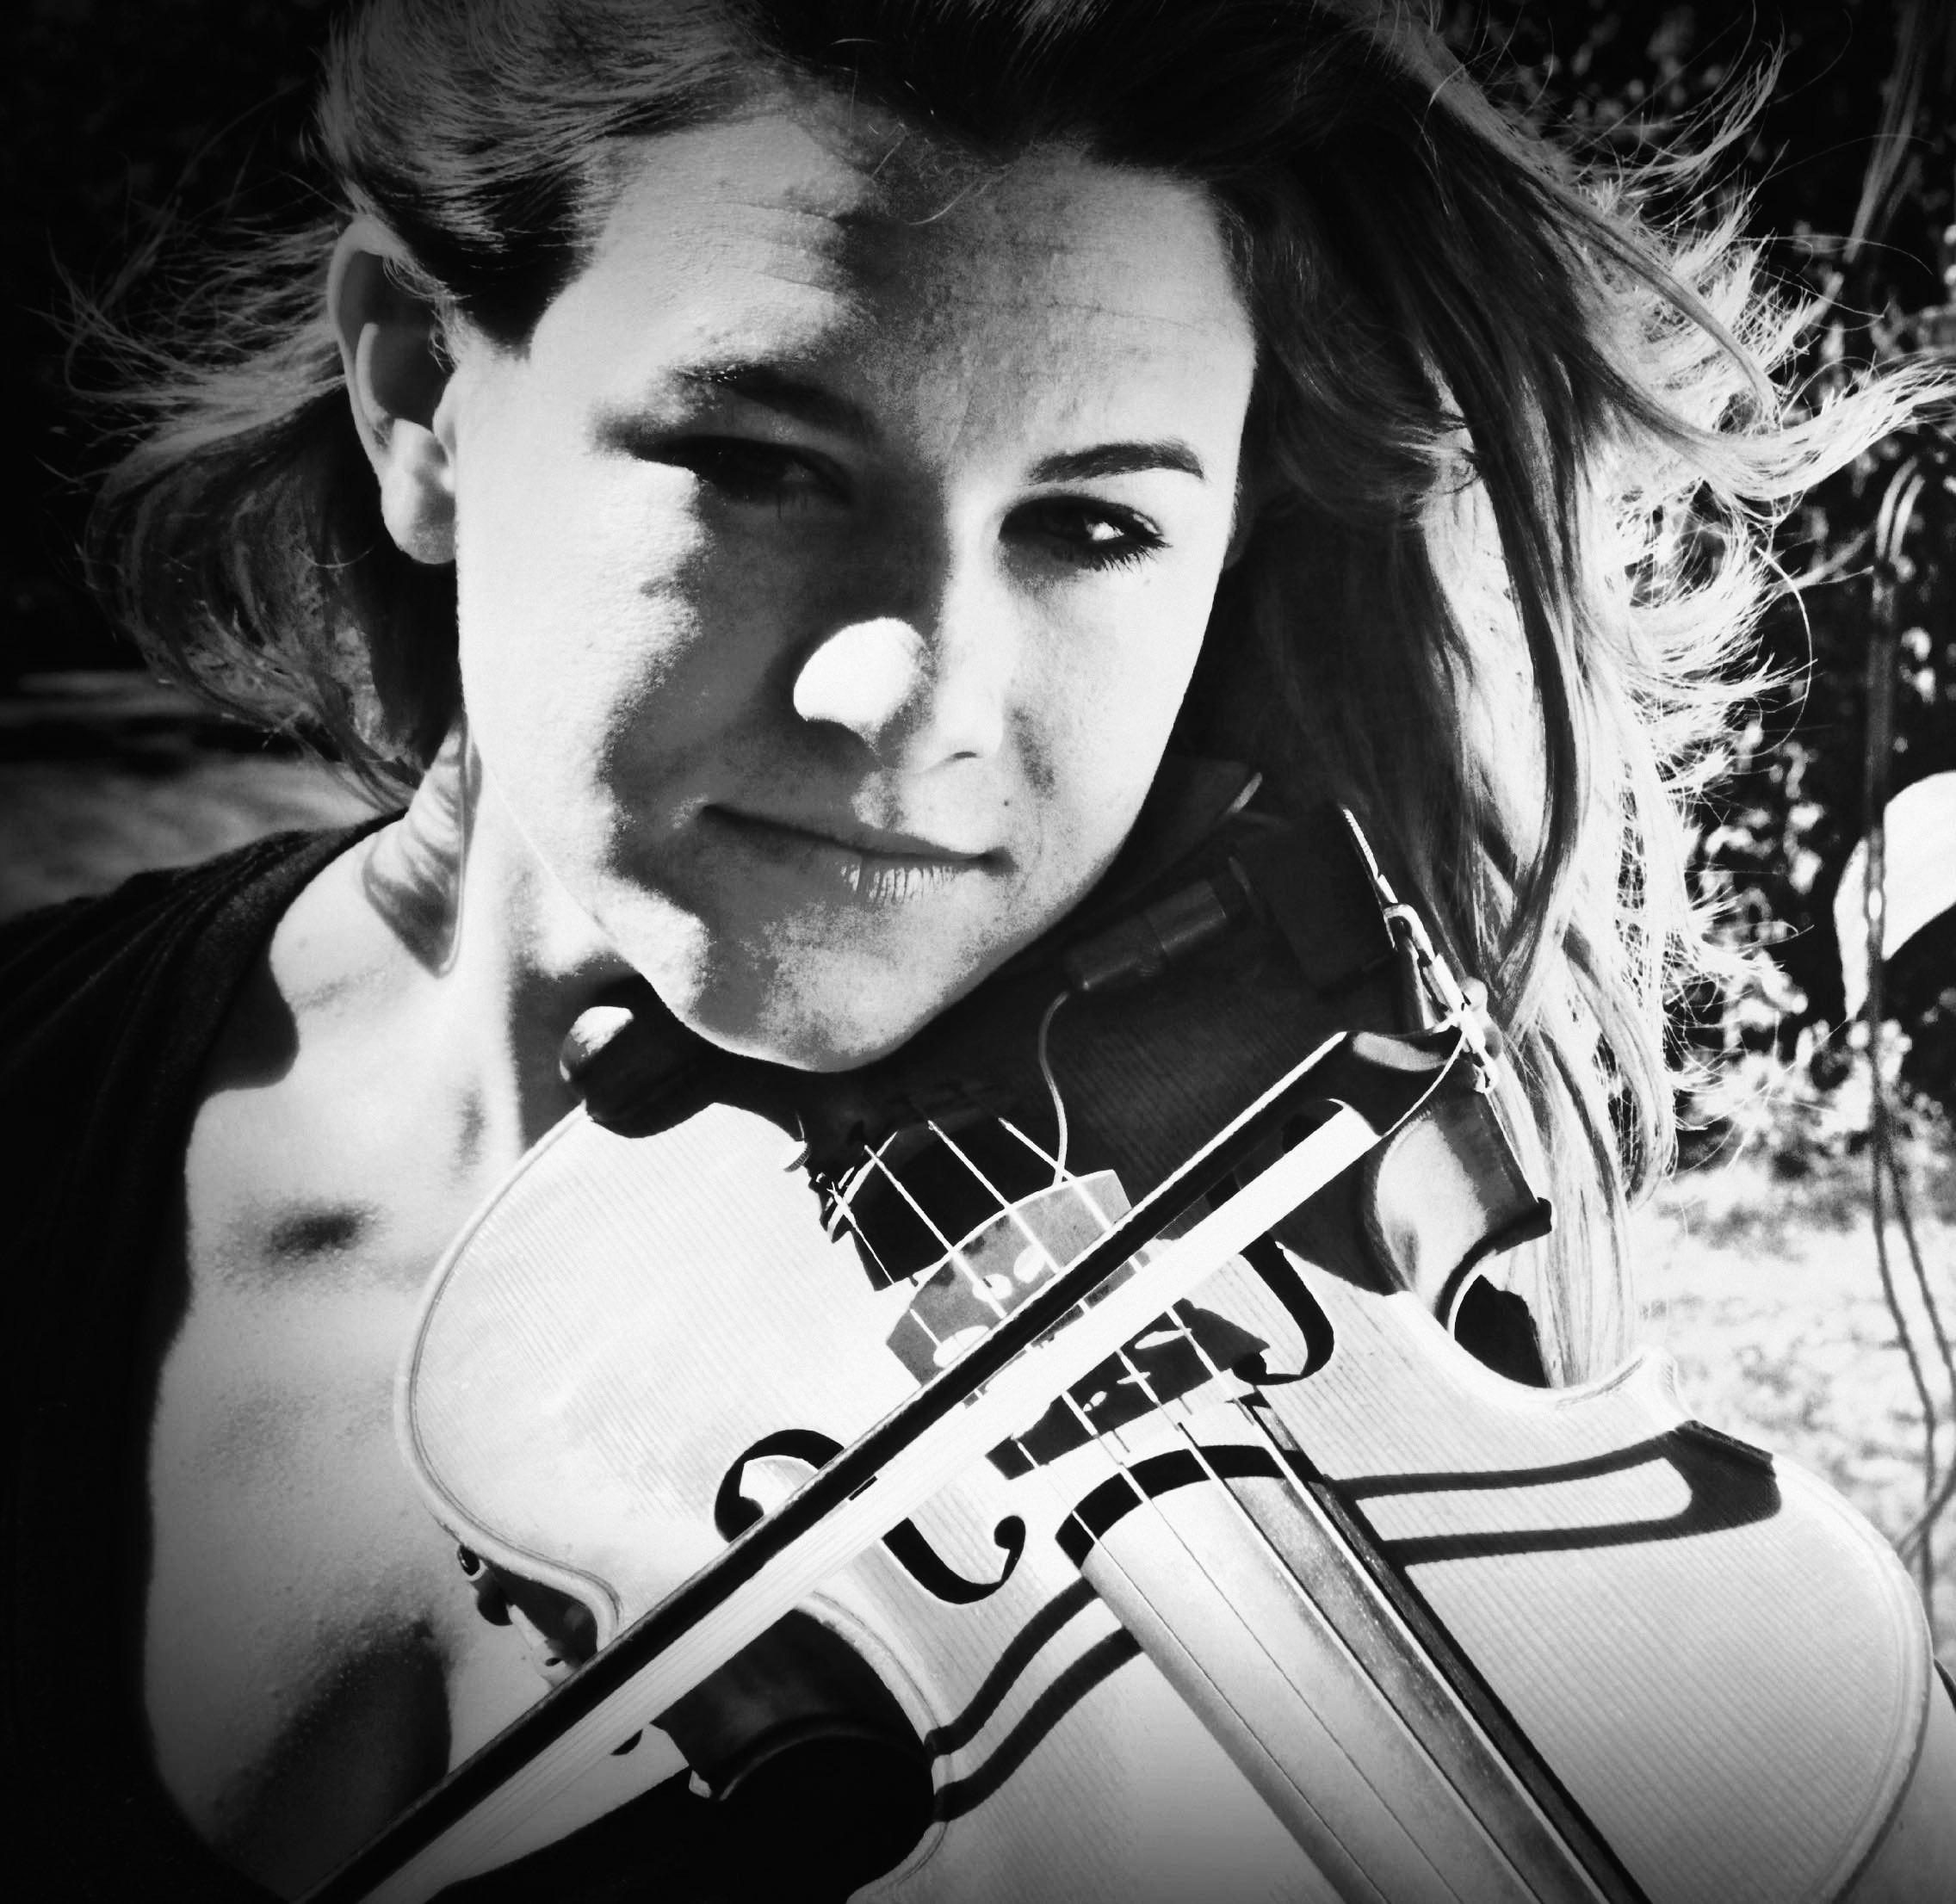 Hannah K black and white